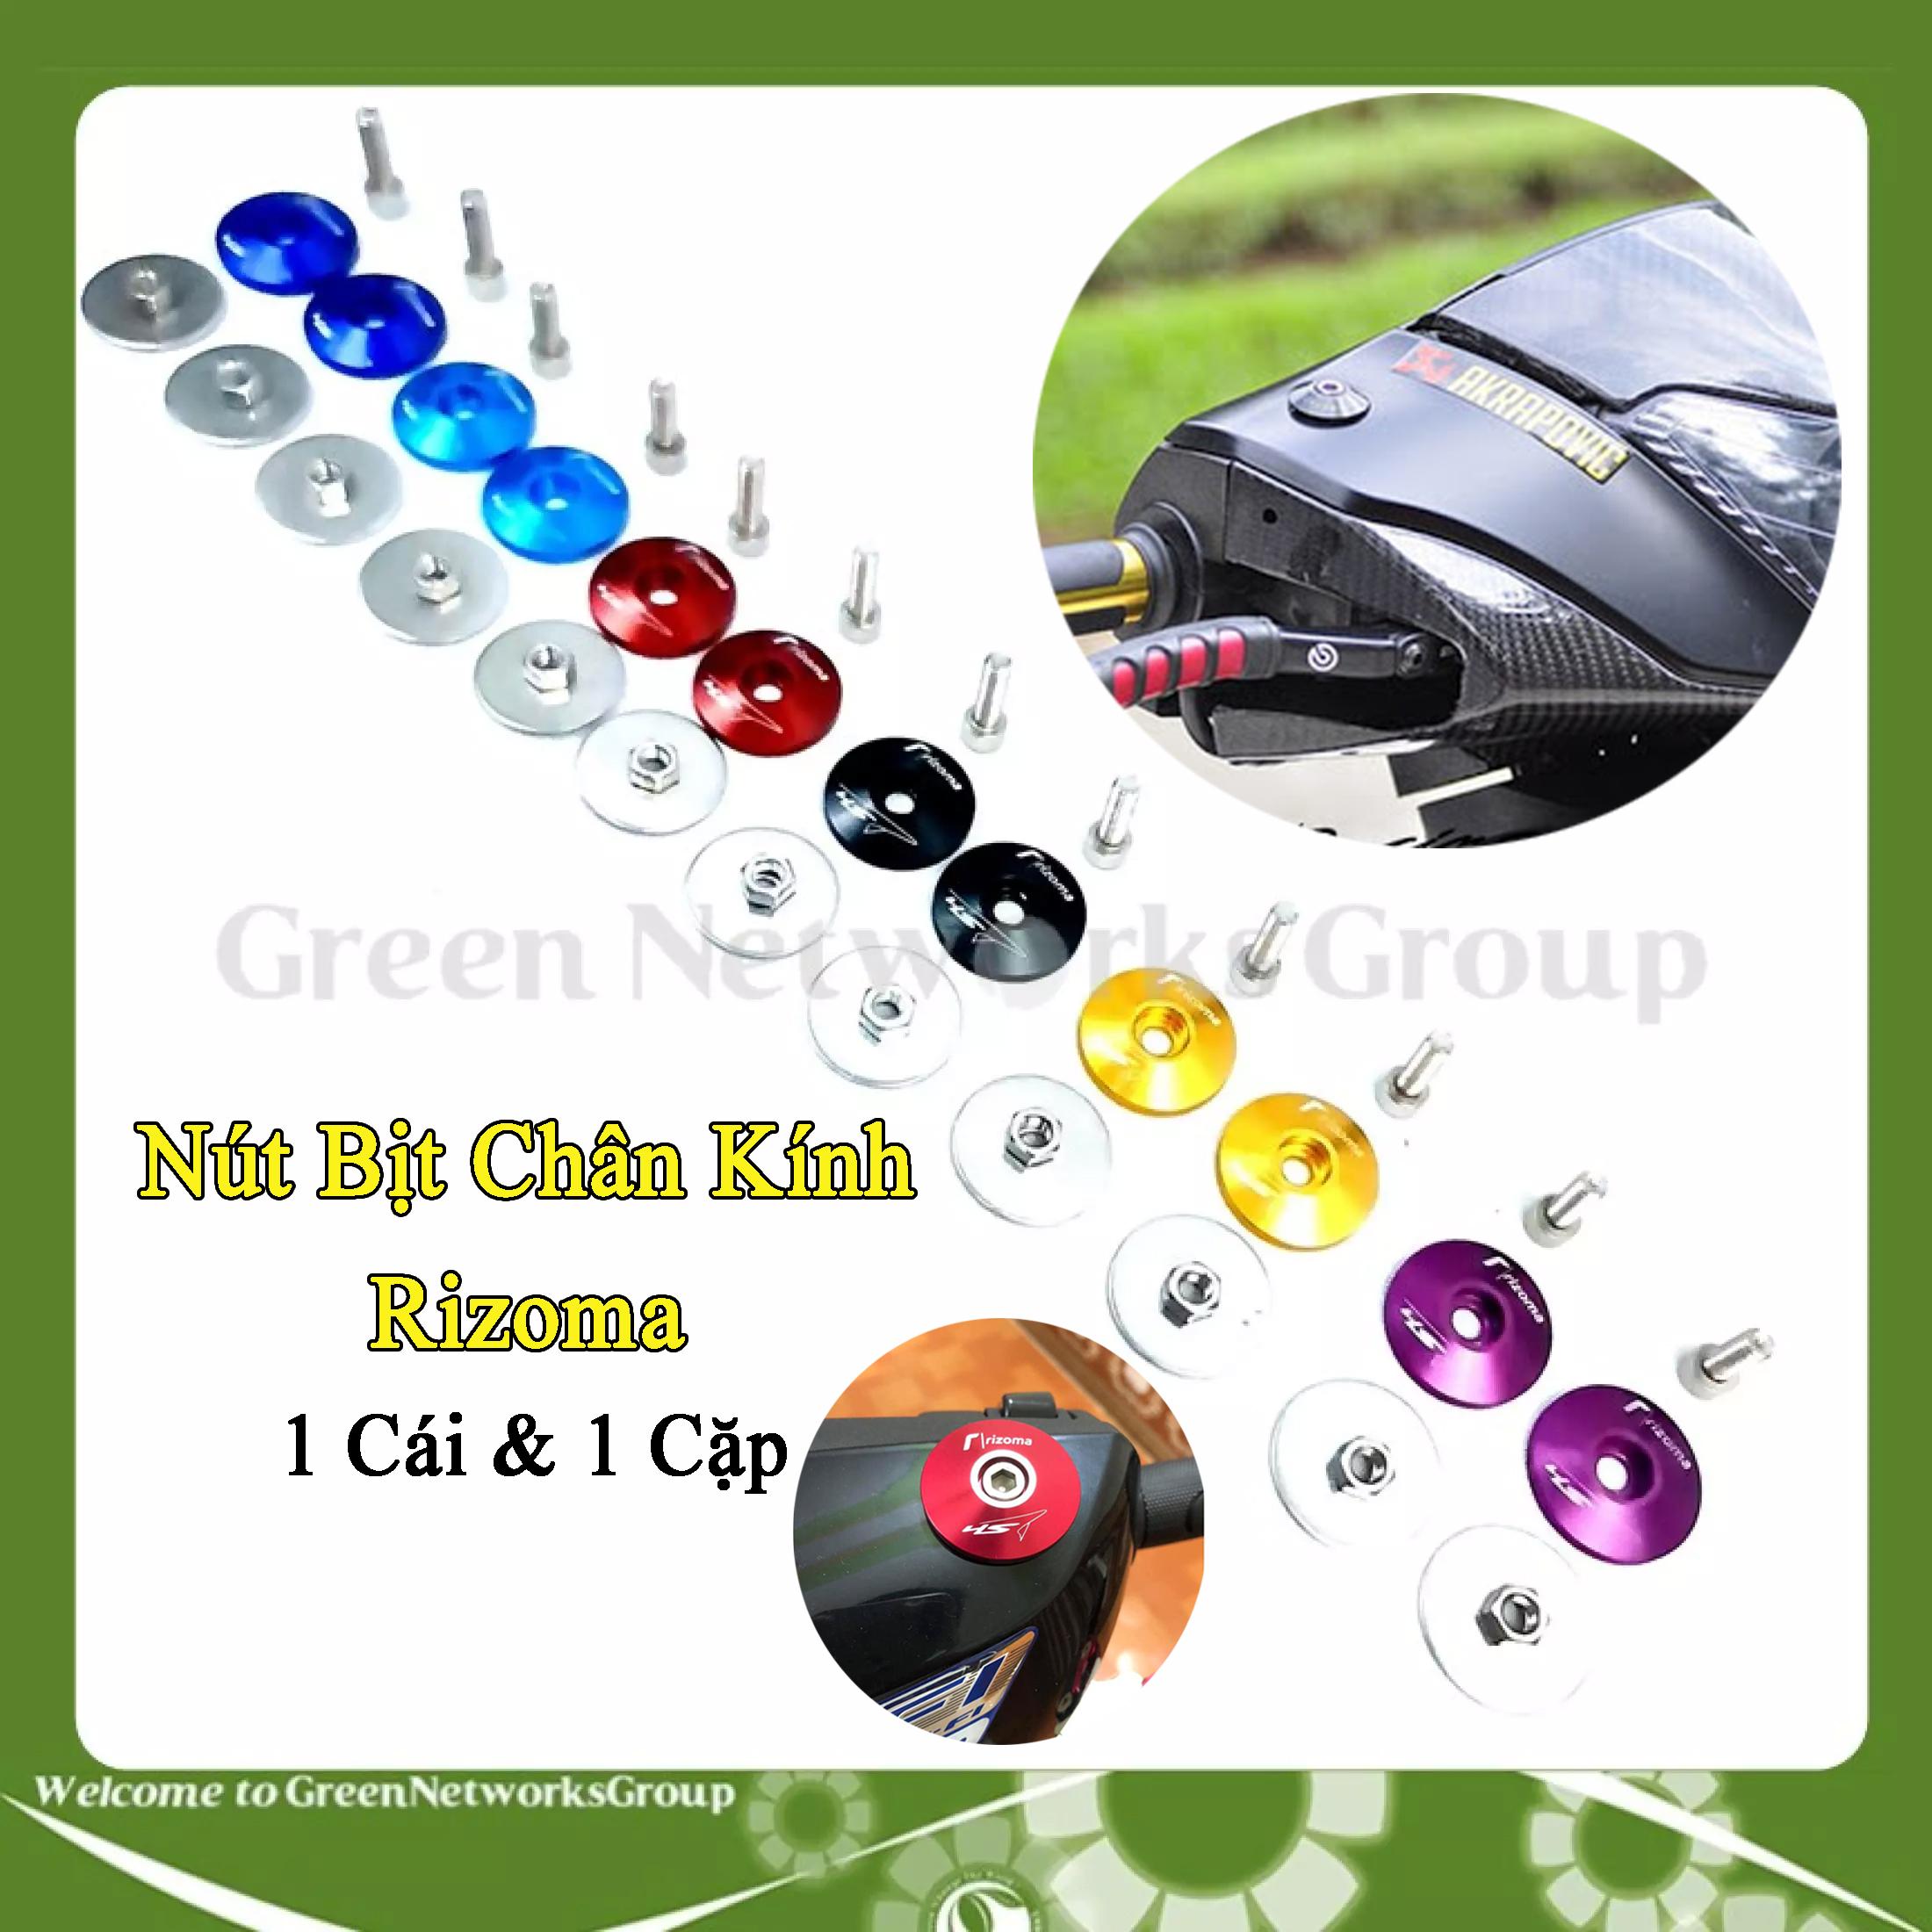 Nút Bịt Chân kính Xe SH  SH Mode - Nút bịt chân gương xe máy Green Networks Group